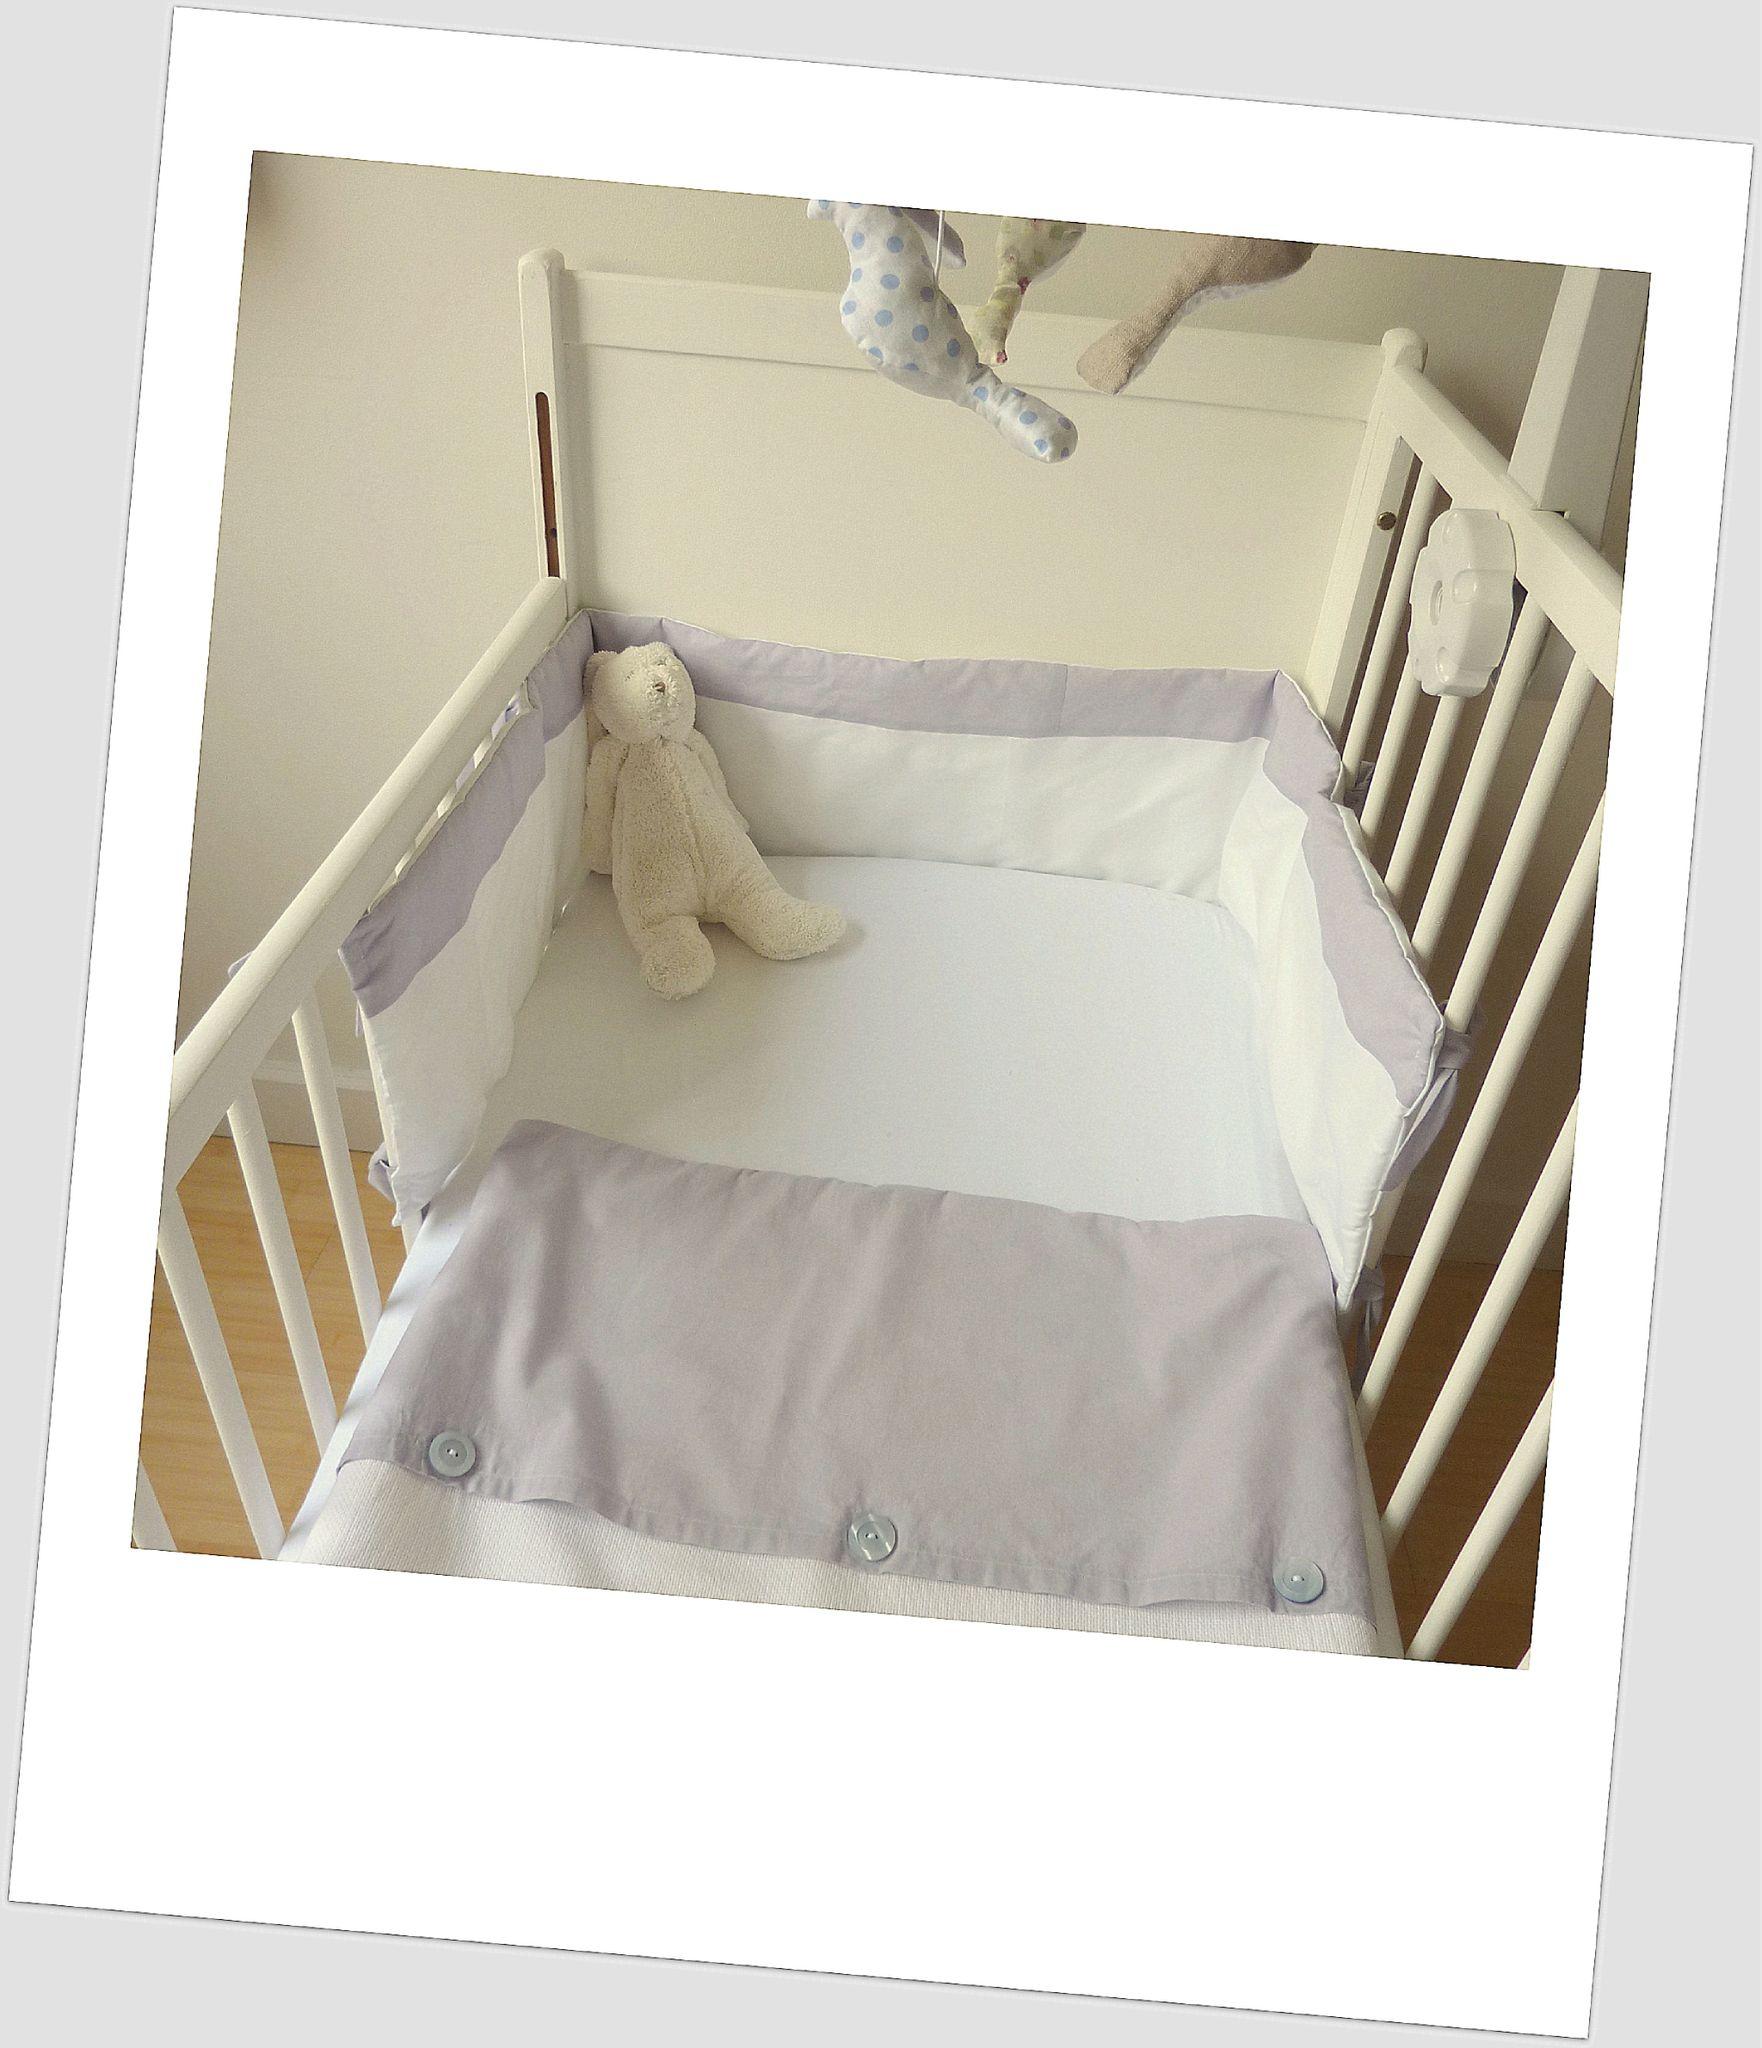 Tour de lit bebe lit sans barreaux - Tour de lit beige ...